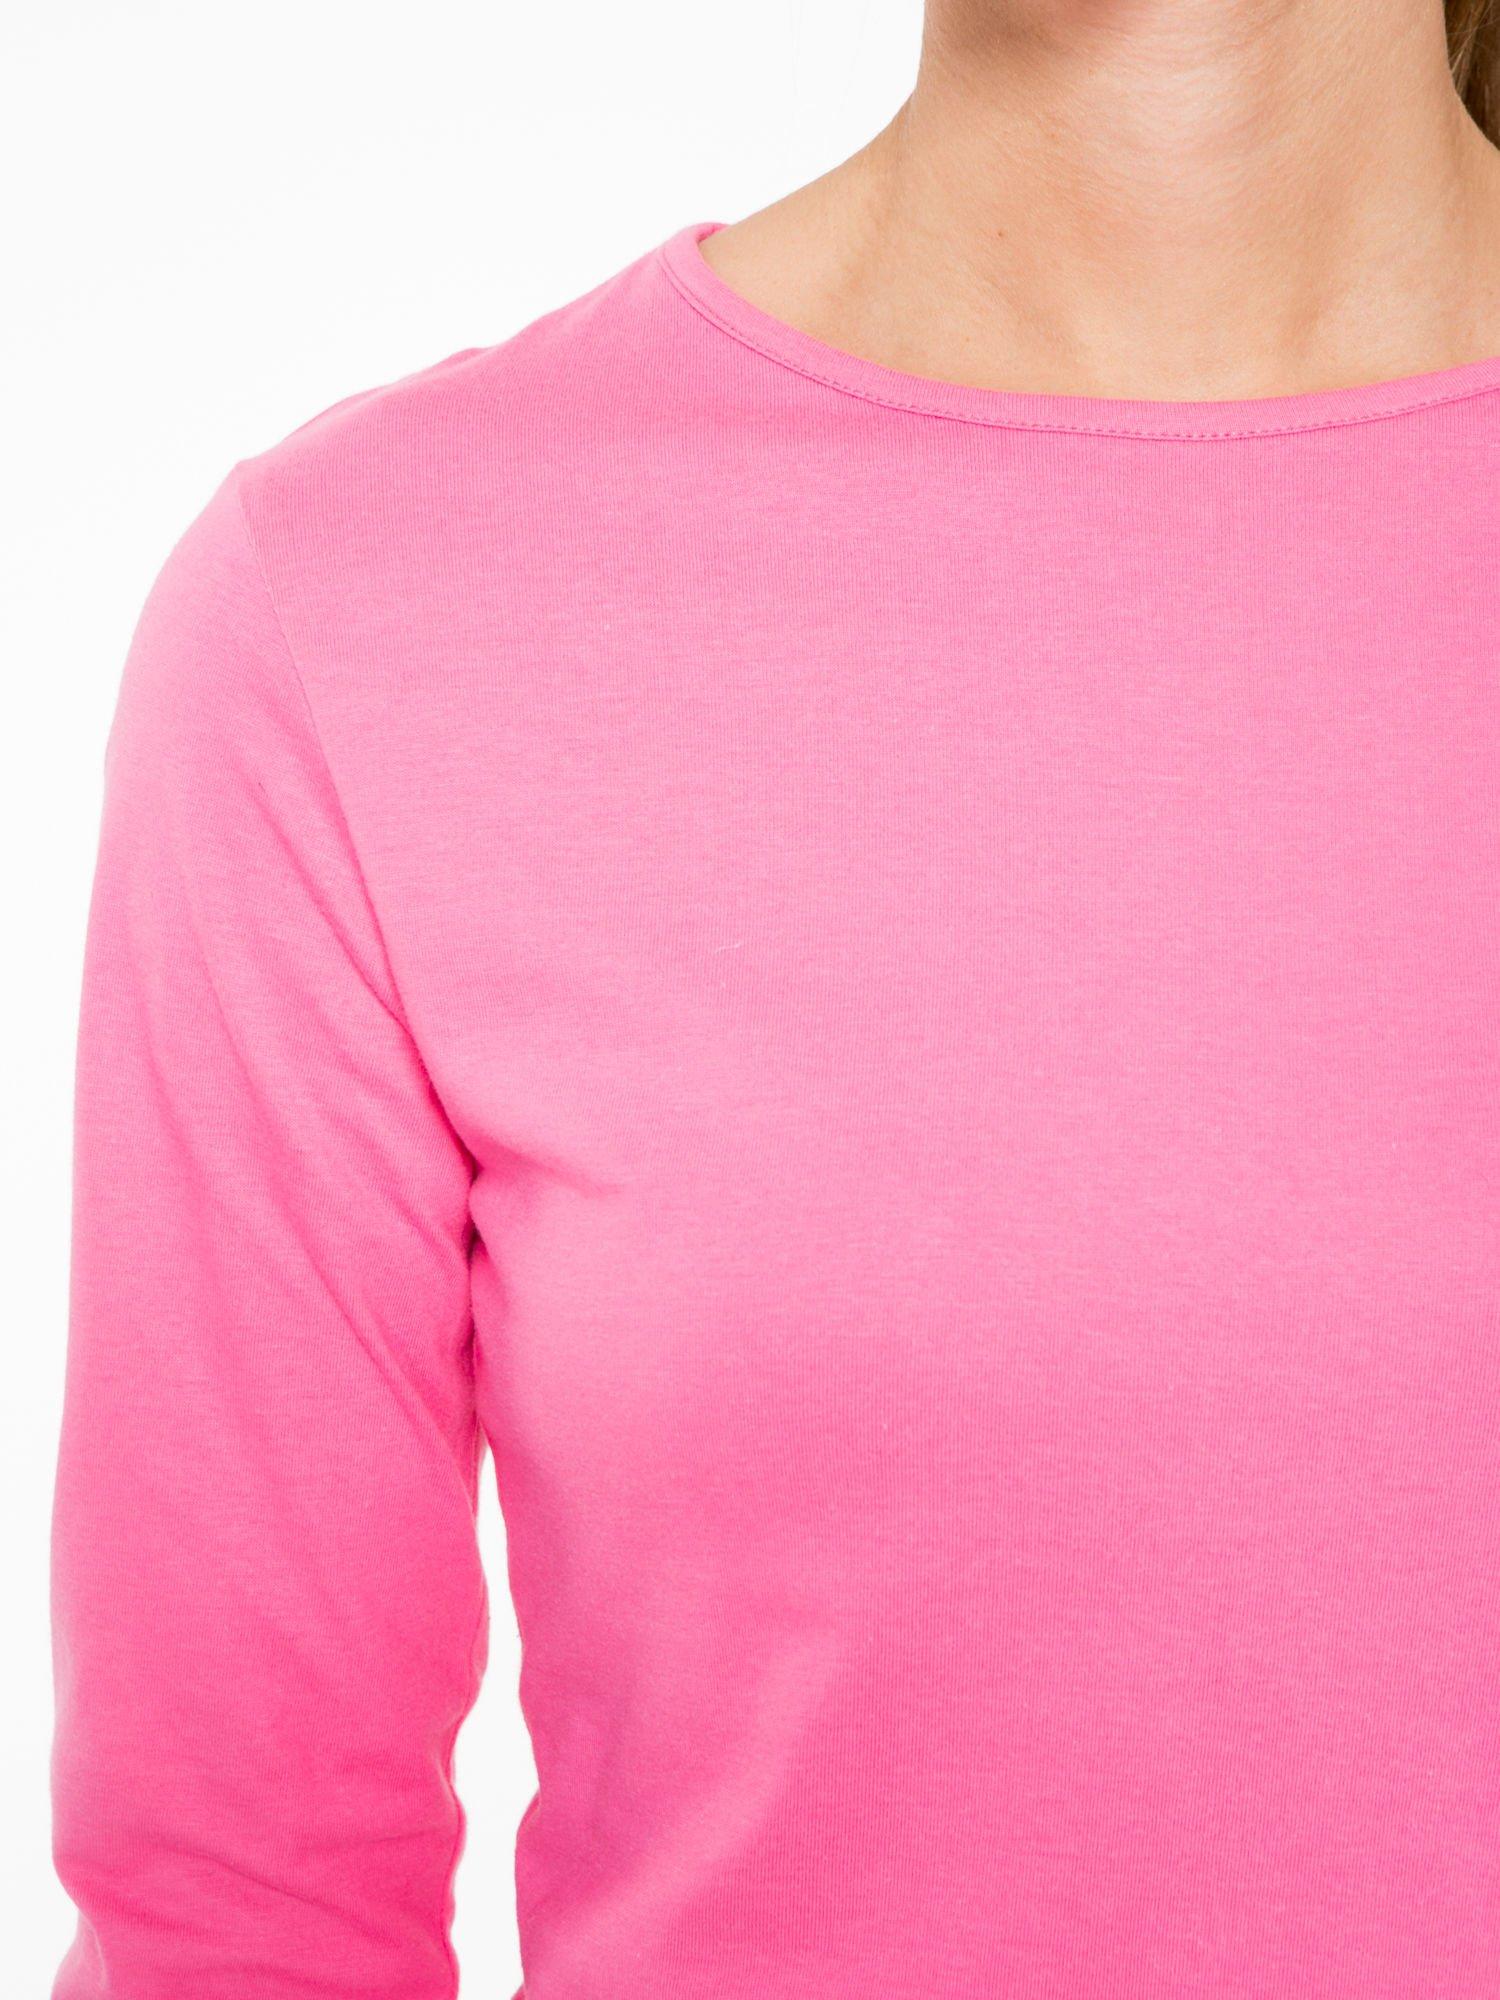 Różowa bawełniana bluzka typu basic z długim rękawem                                  zdj.                                  5